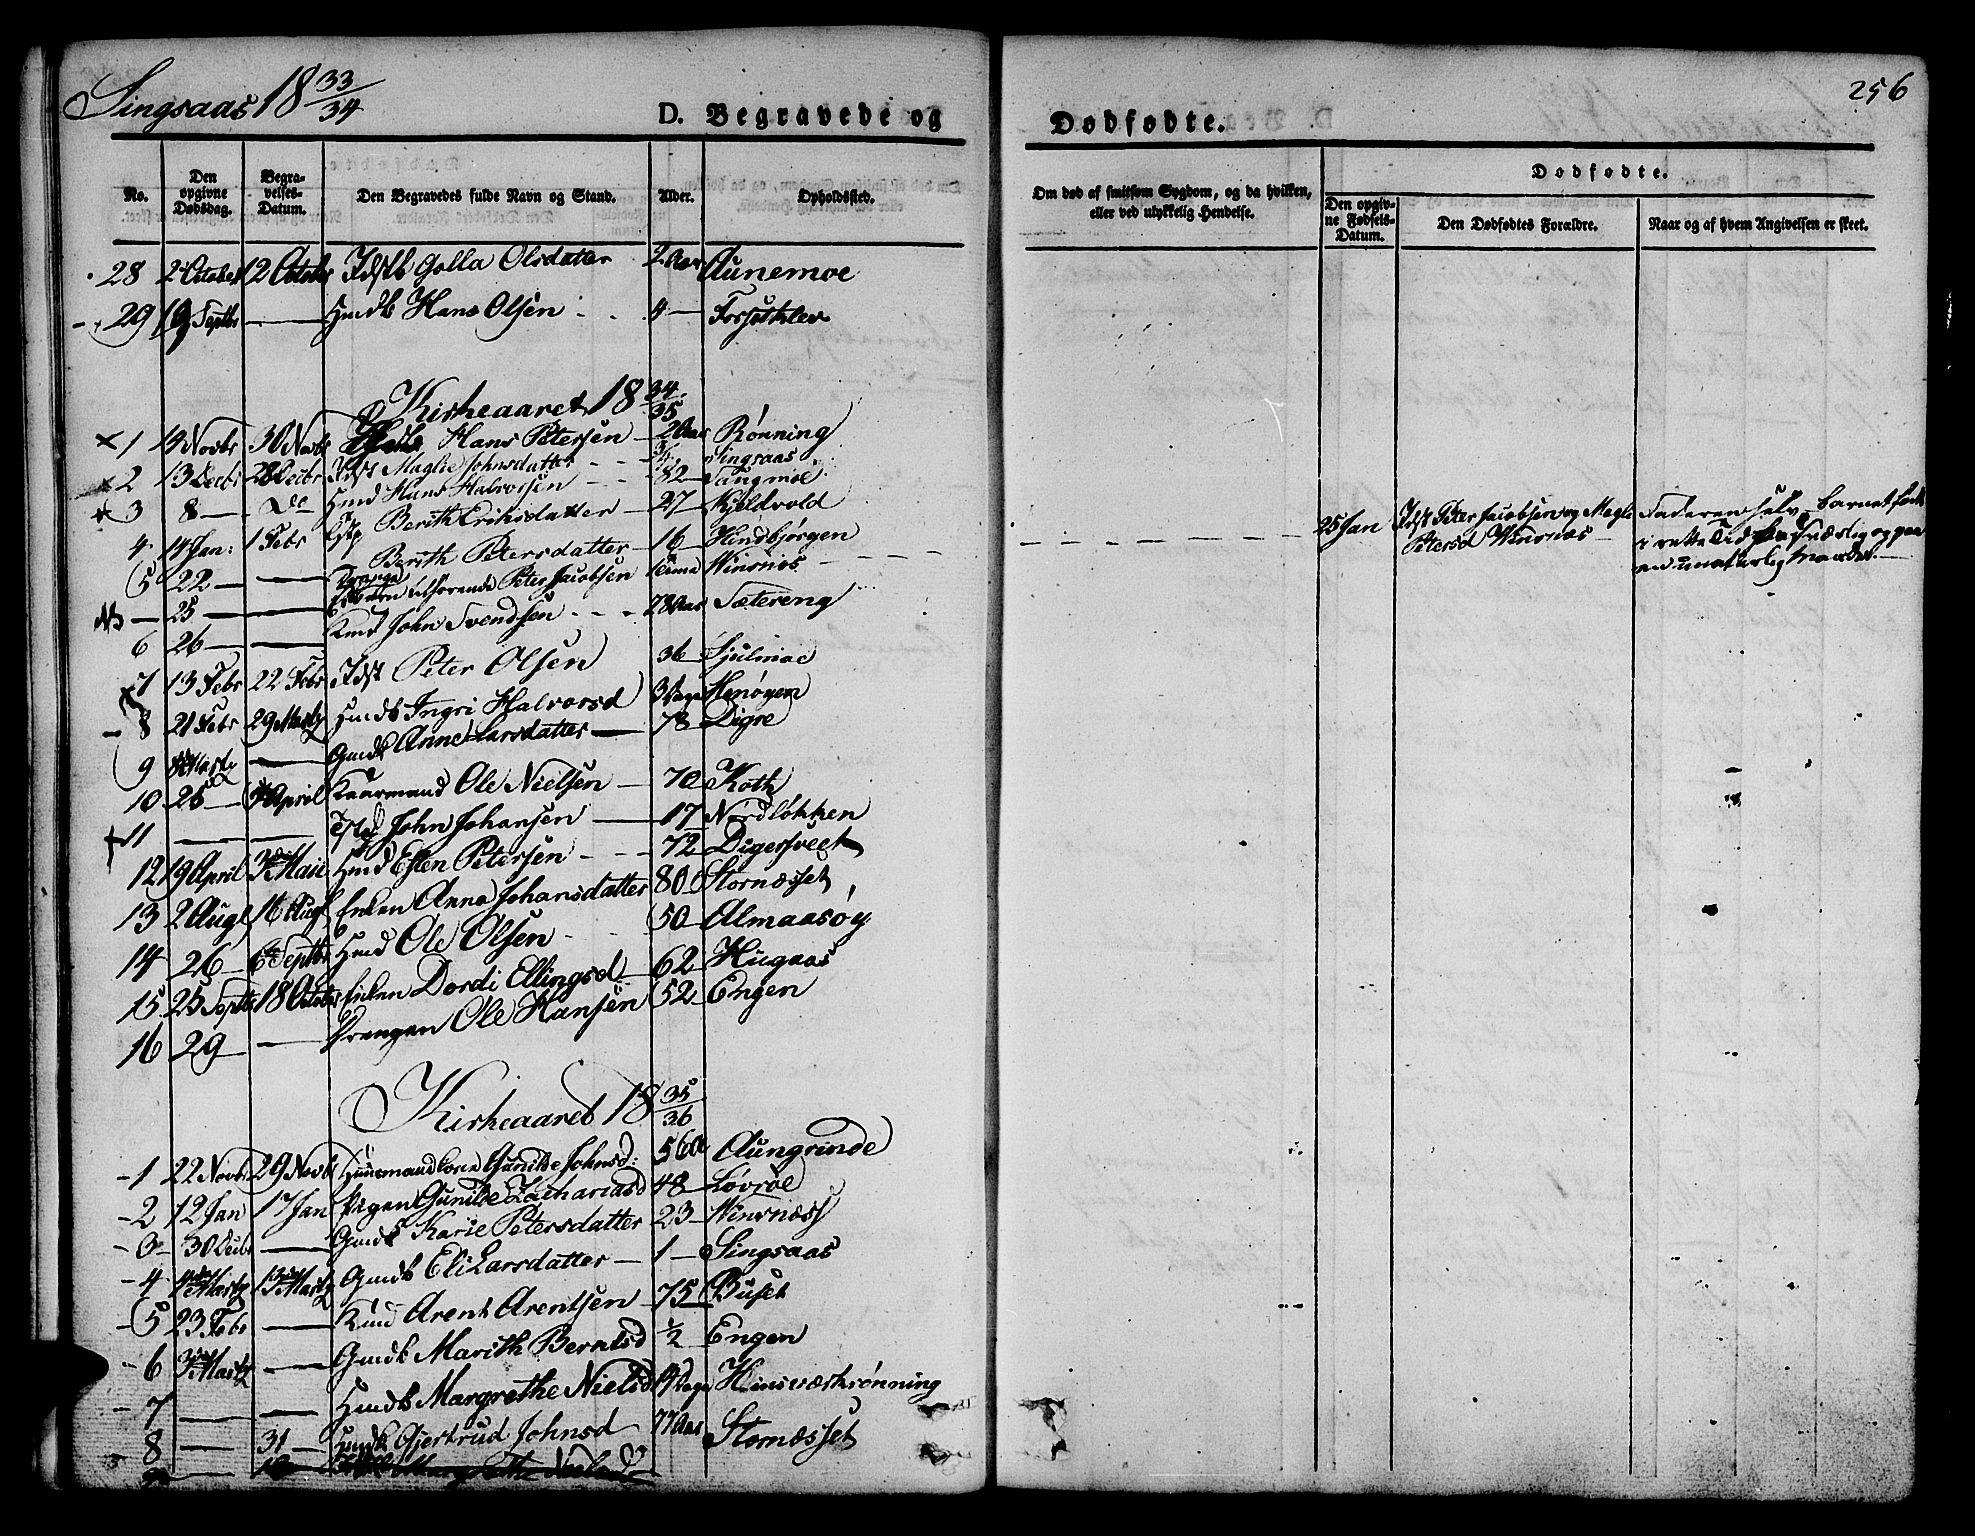 SAT, Ministerialprotokoller, klokkerbøker og fødselsregistre - Sør-Trøndelag, 685/L0961: Ministerialbok nr. 685A05 /2, 1829-1845, s. 256